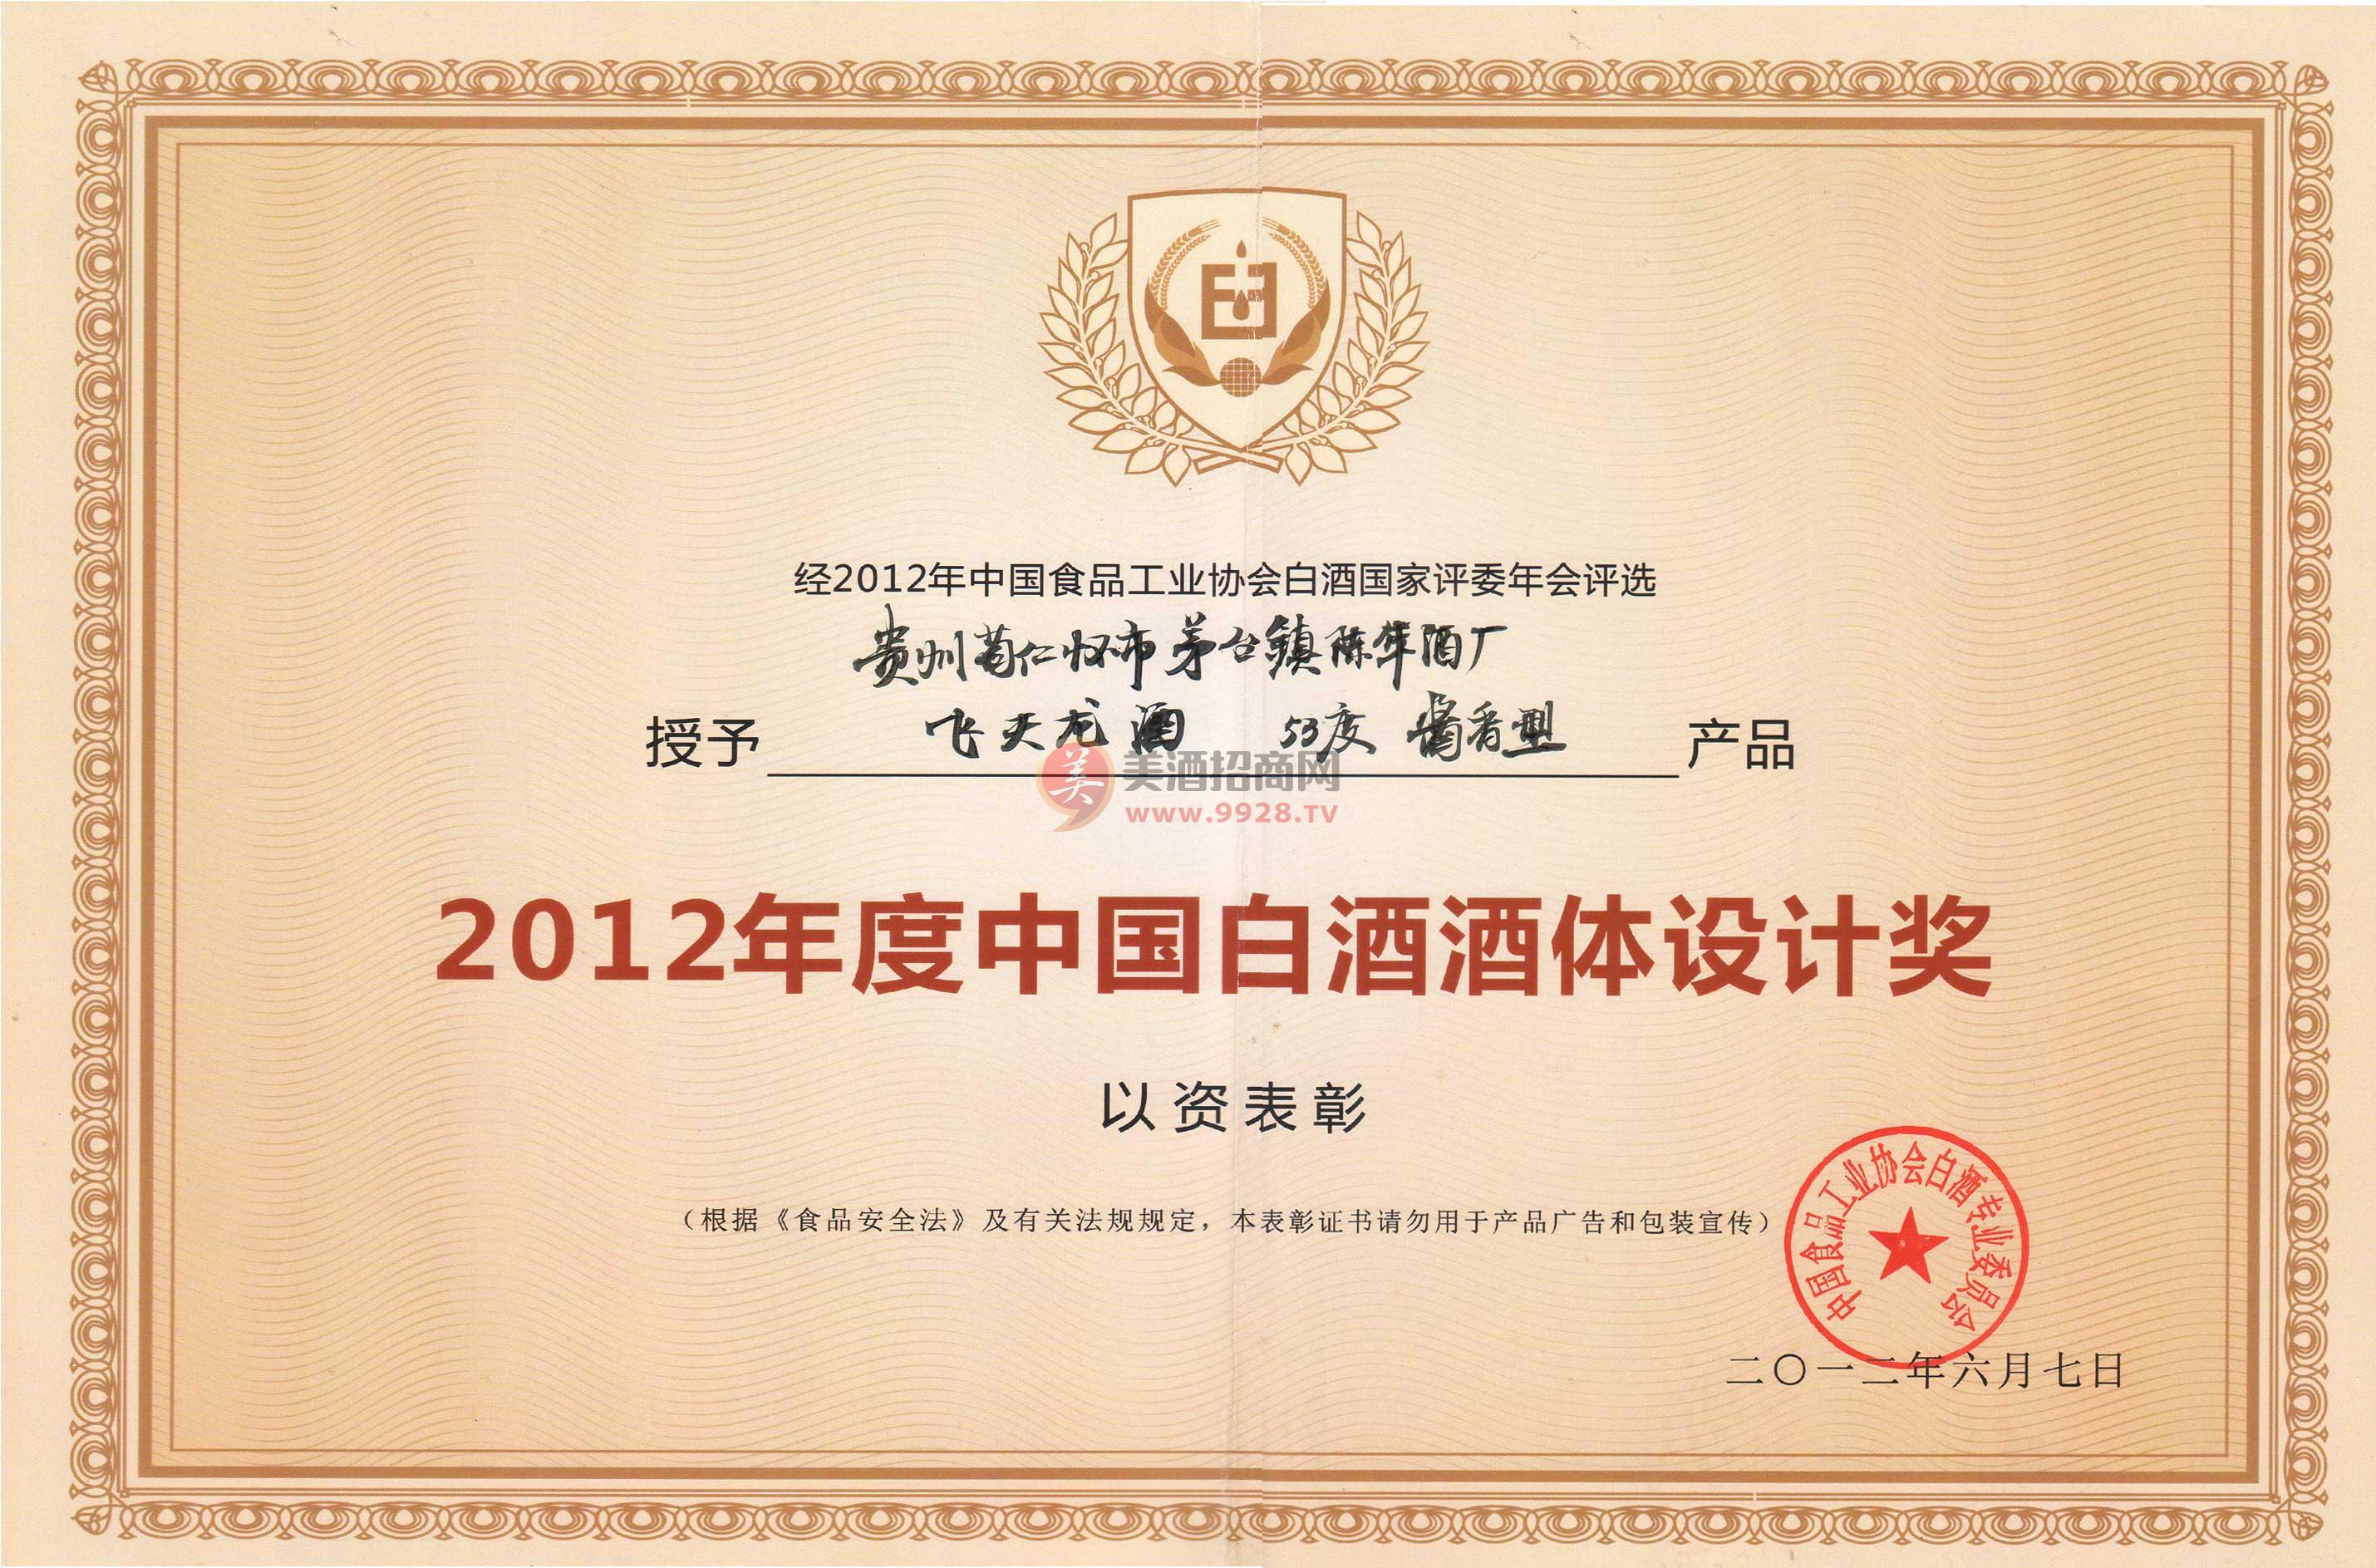 2012年度中国白酒酒体设计奖